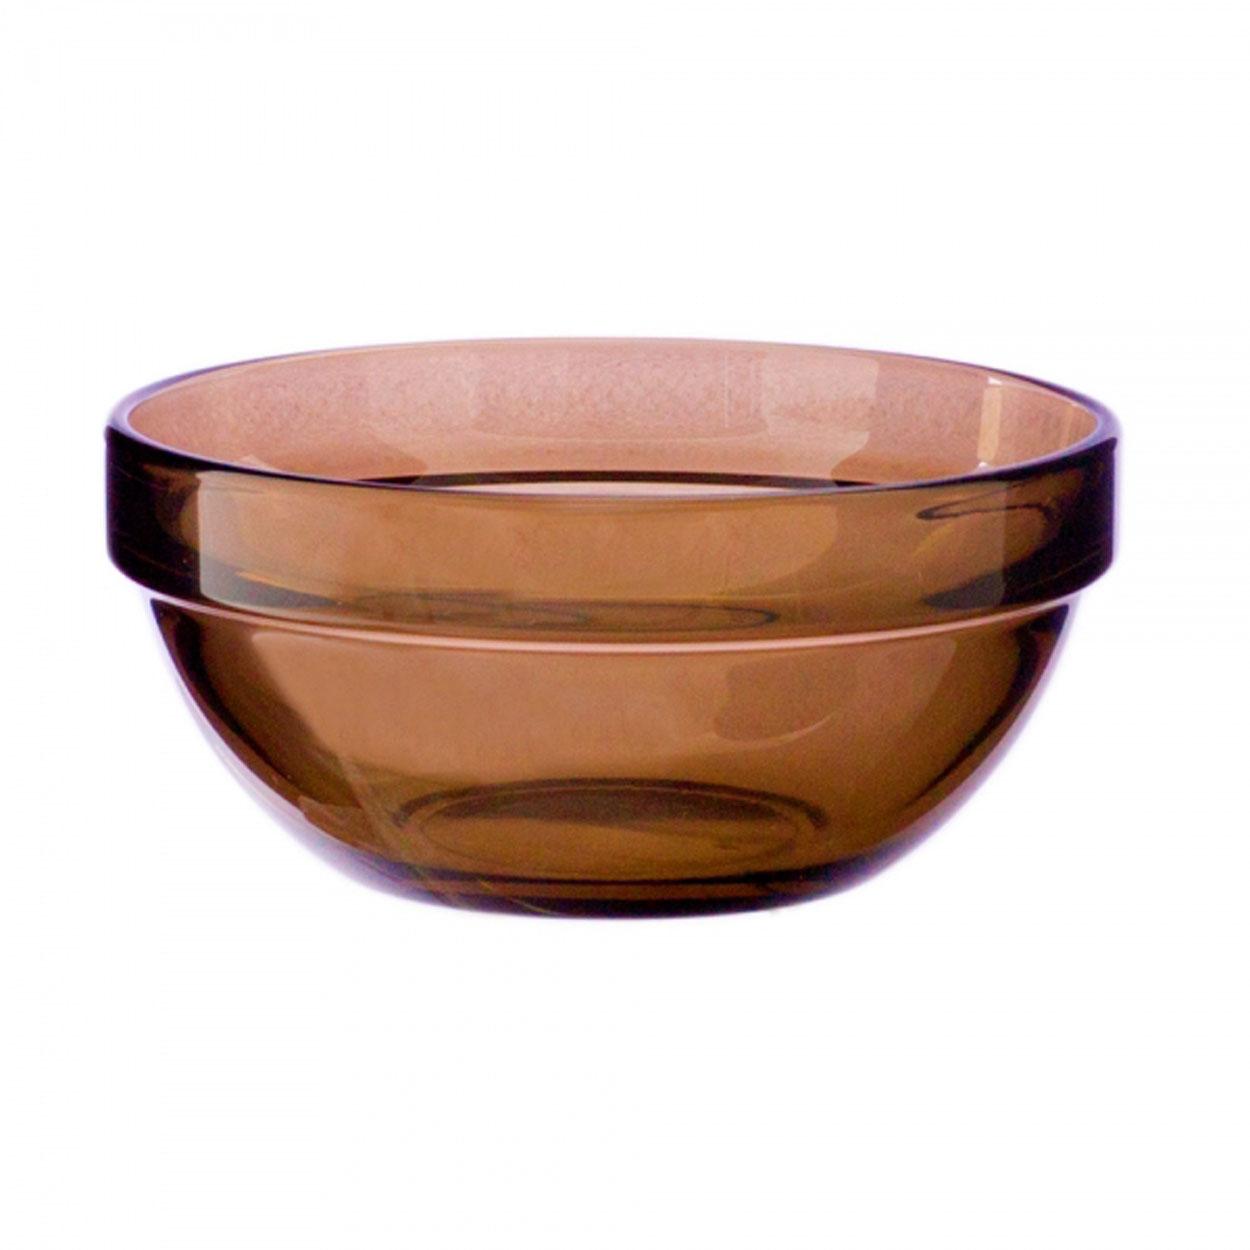 Салатник Luminarc Empilable Eclipse, диаметр 12 см115510Салатник Luminarc Empilable Eclipse отлично подойдет для подачи салатов из свежих овощей и фруктов, а также для слоеных салатов, насыщая каждого участника трапезы полезными витаминами. Простой и универсальный салатник на каждый день изготовлен из качественного стекла, безопасен при контакте с пищевыми продуктами, не выделяет вредных веществ. Можно мыть в посудомоечной машине и использовать в СВЧ. Диаметр салатника: 12 см. Высота салатника: 5,5 см.